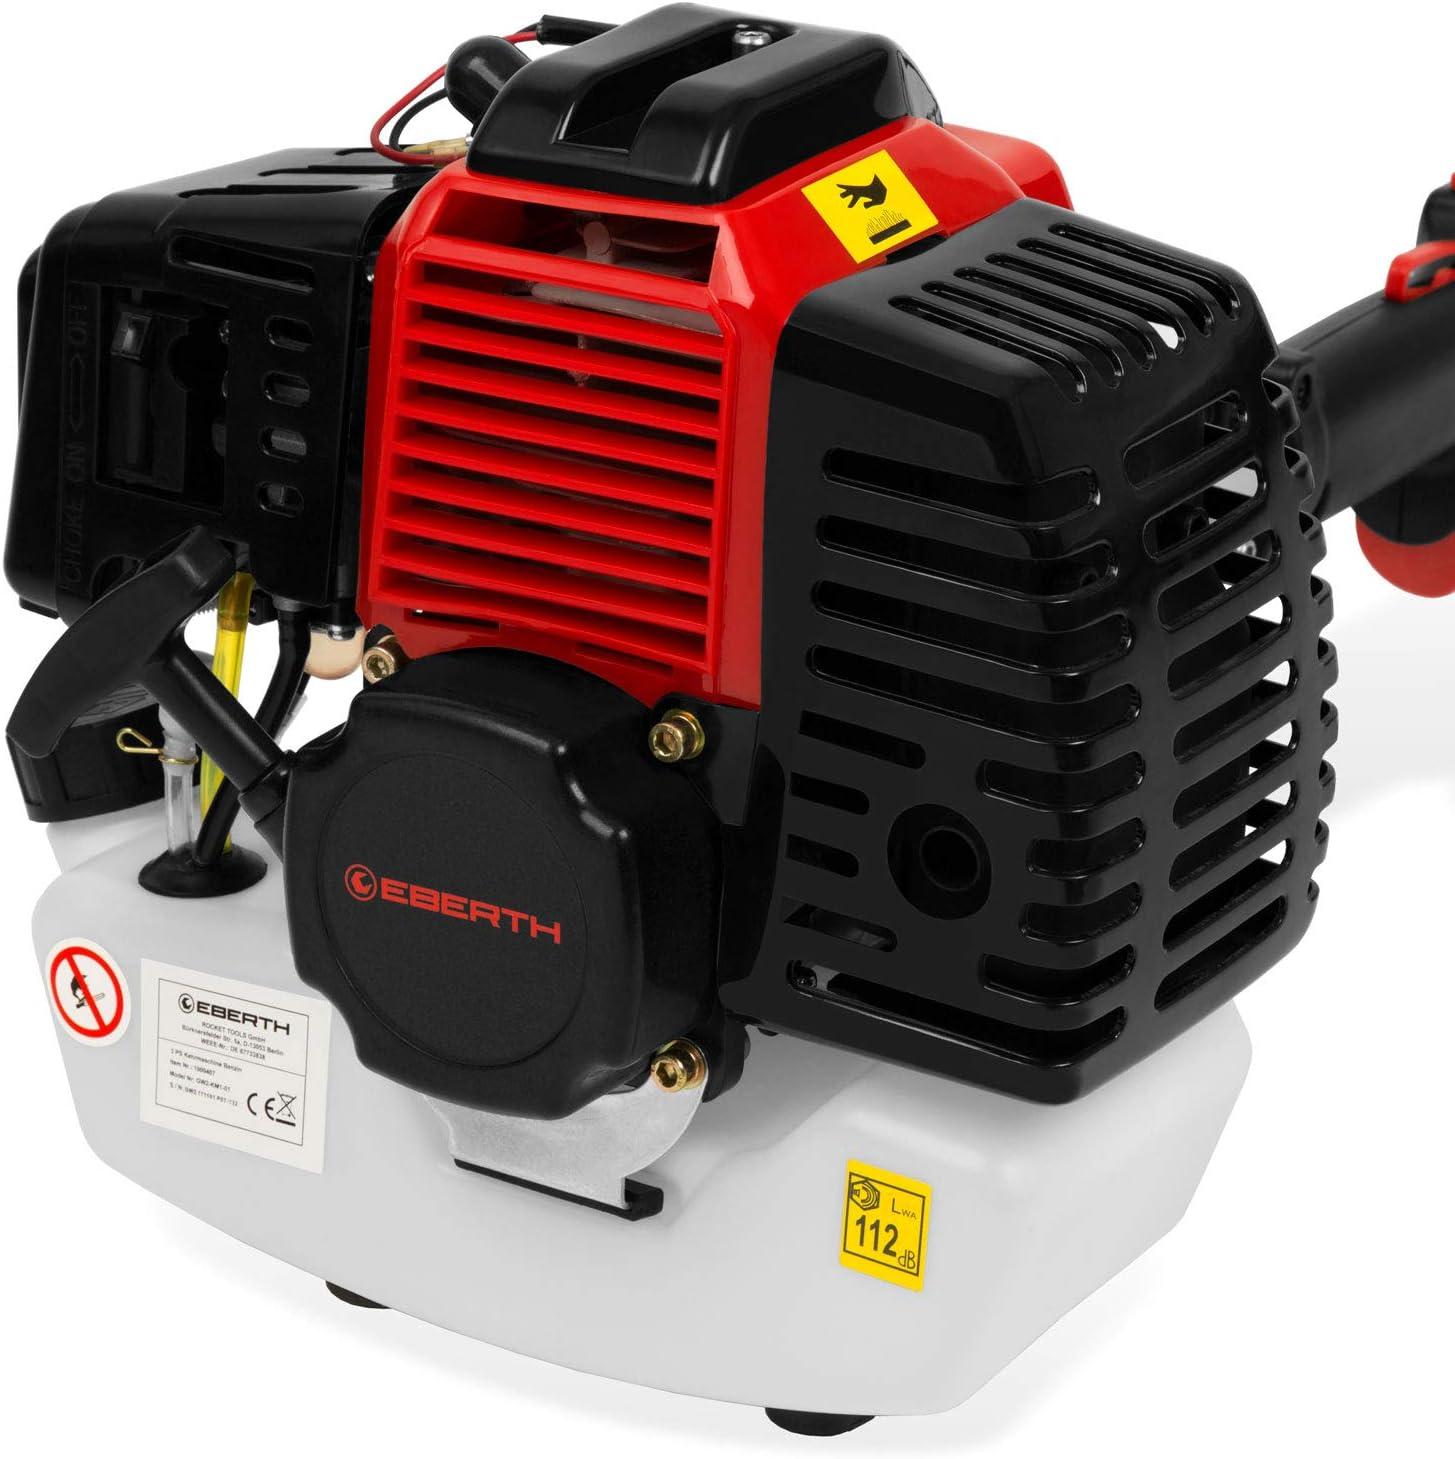 EBERTH 3 PS Benzin Motorbesen 2-Takt Benzinmotor, 60 cm Besenbreite, inkl. Tragegurt